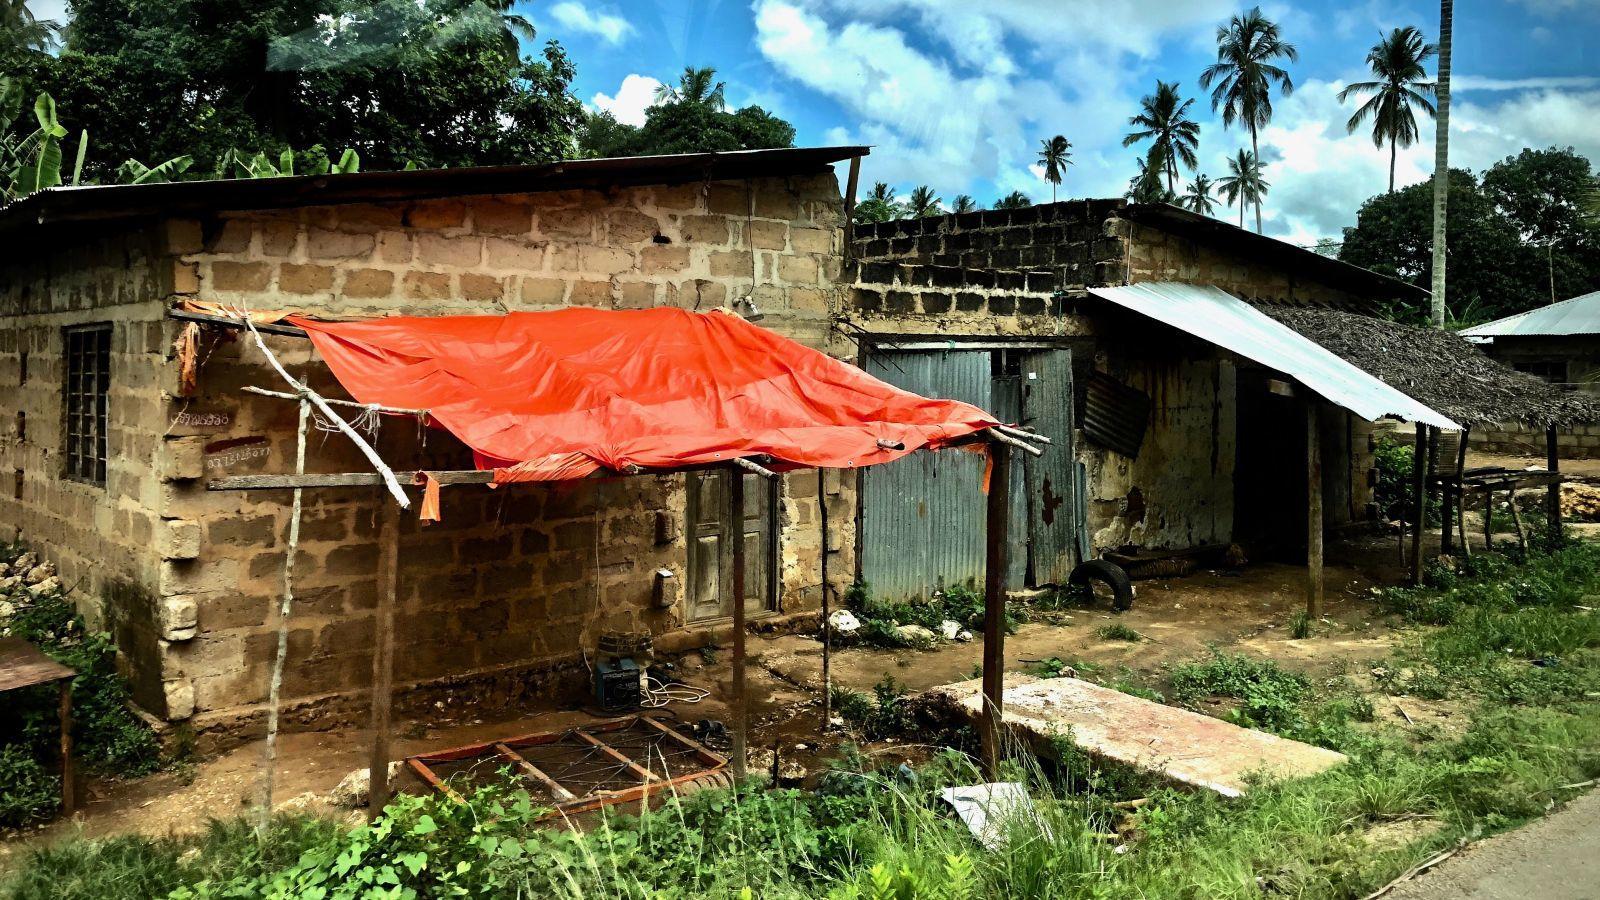 Unterwegs auf Unguja: Behausungen am Straßenrand.